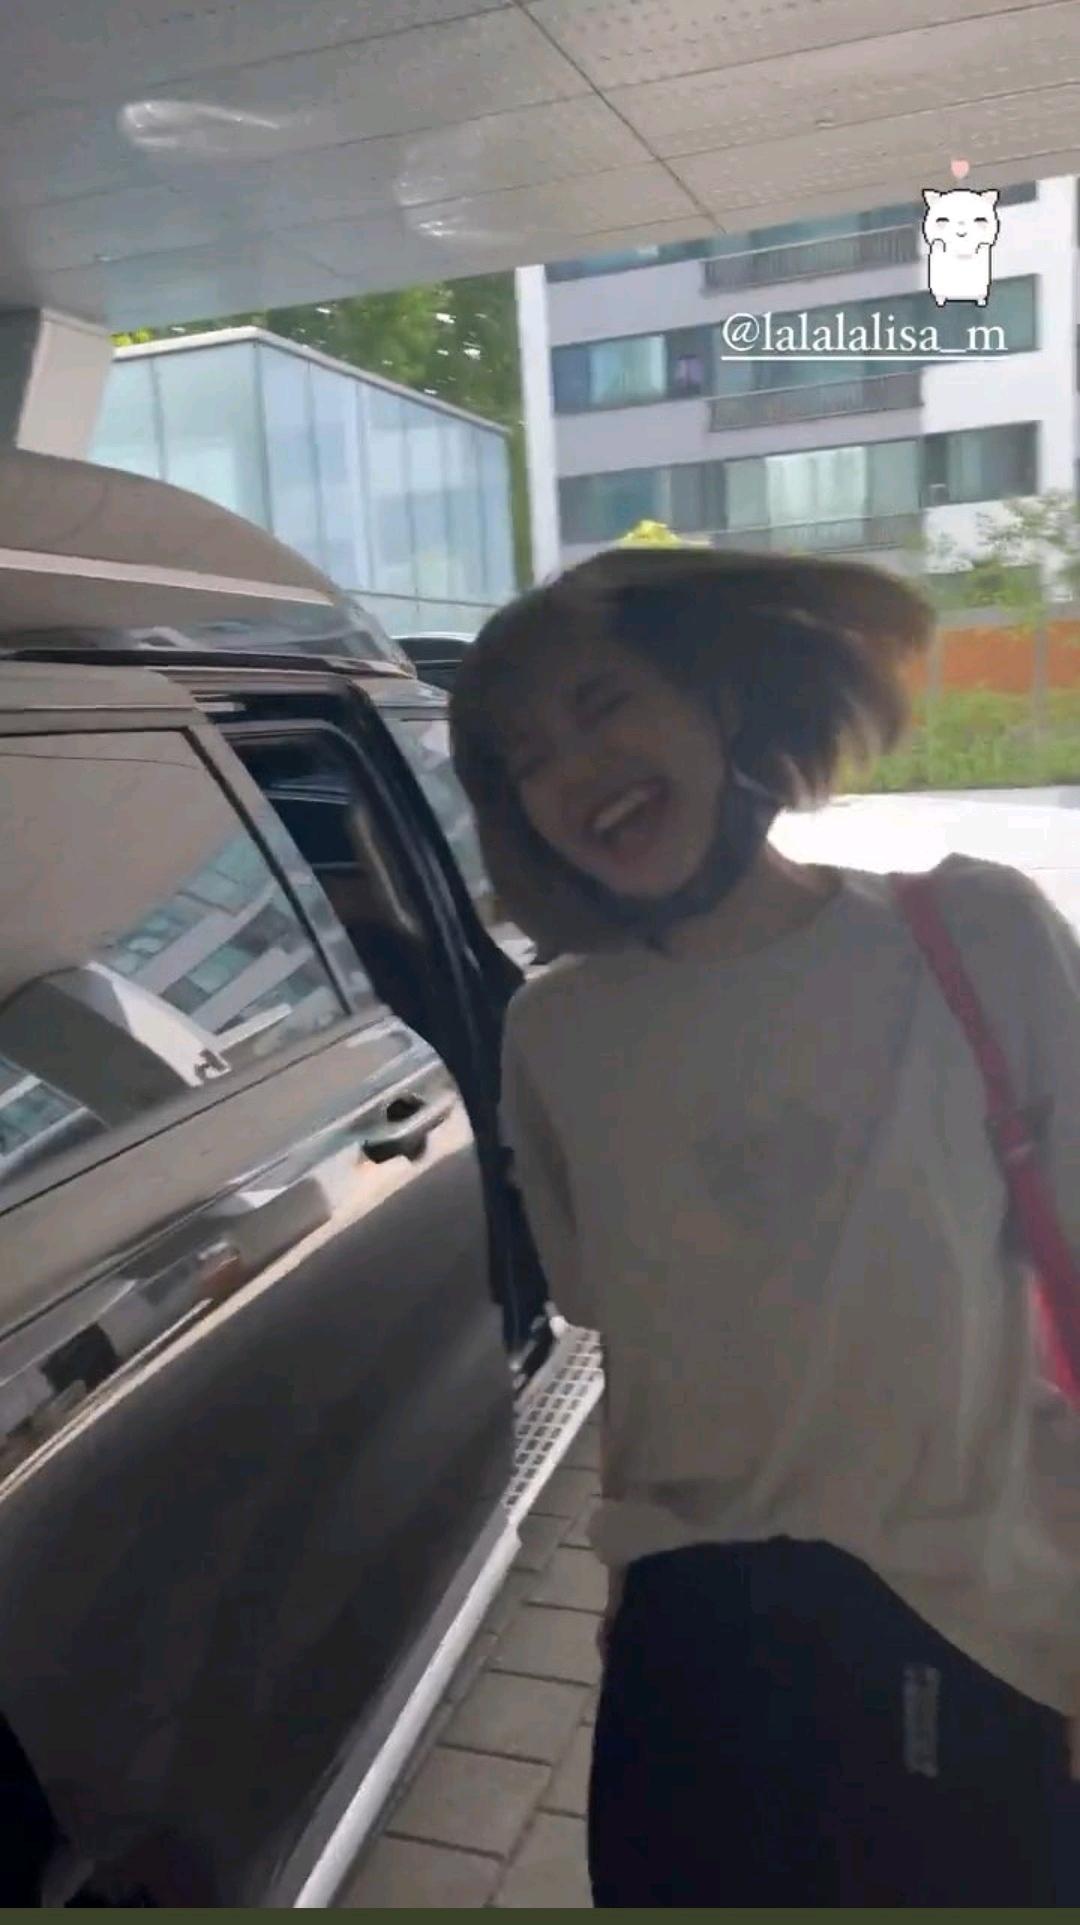 只有LISA做得到?出道突破南韩所有女Solo预售销量,中韩评价好吗